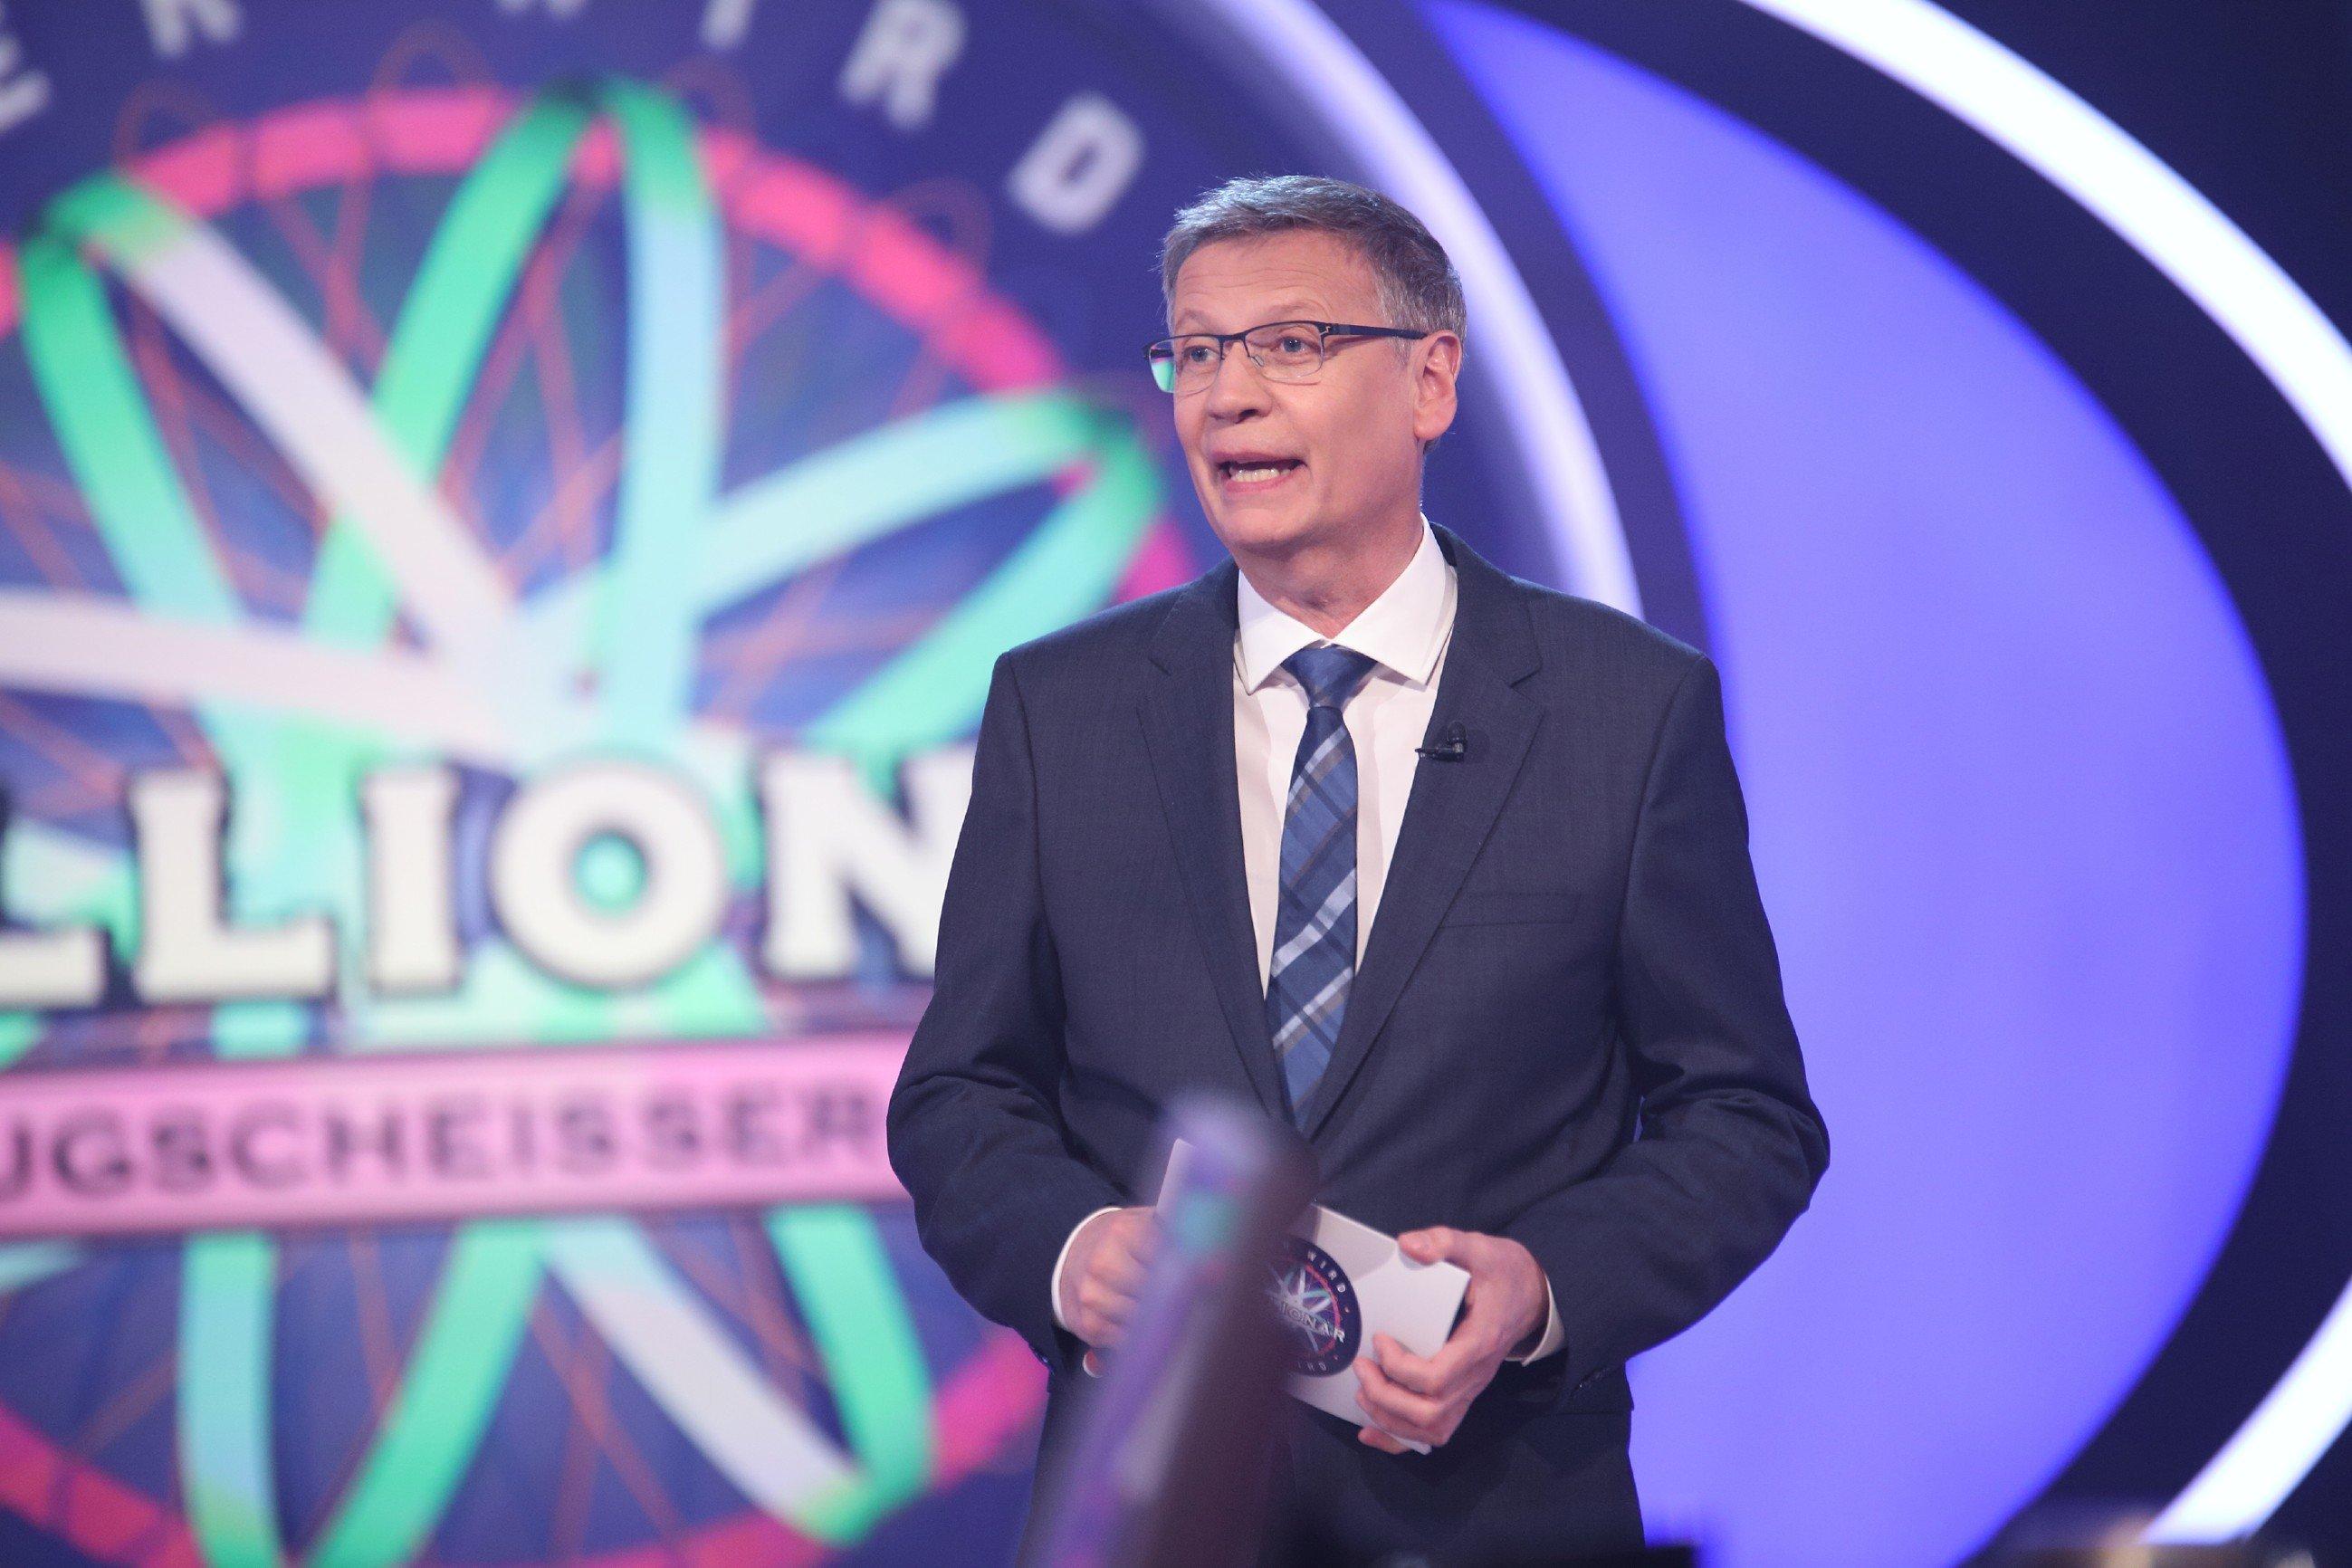 Viele würden ihn gerne einmal live sehen: Moderator Günther Jauch.